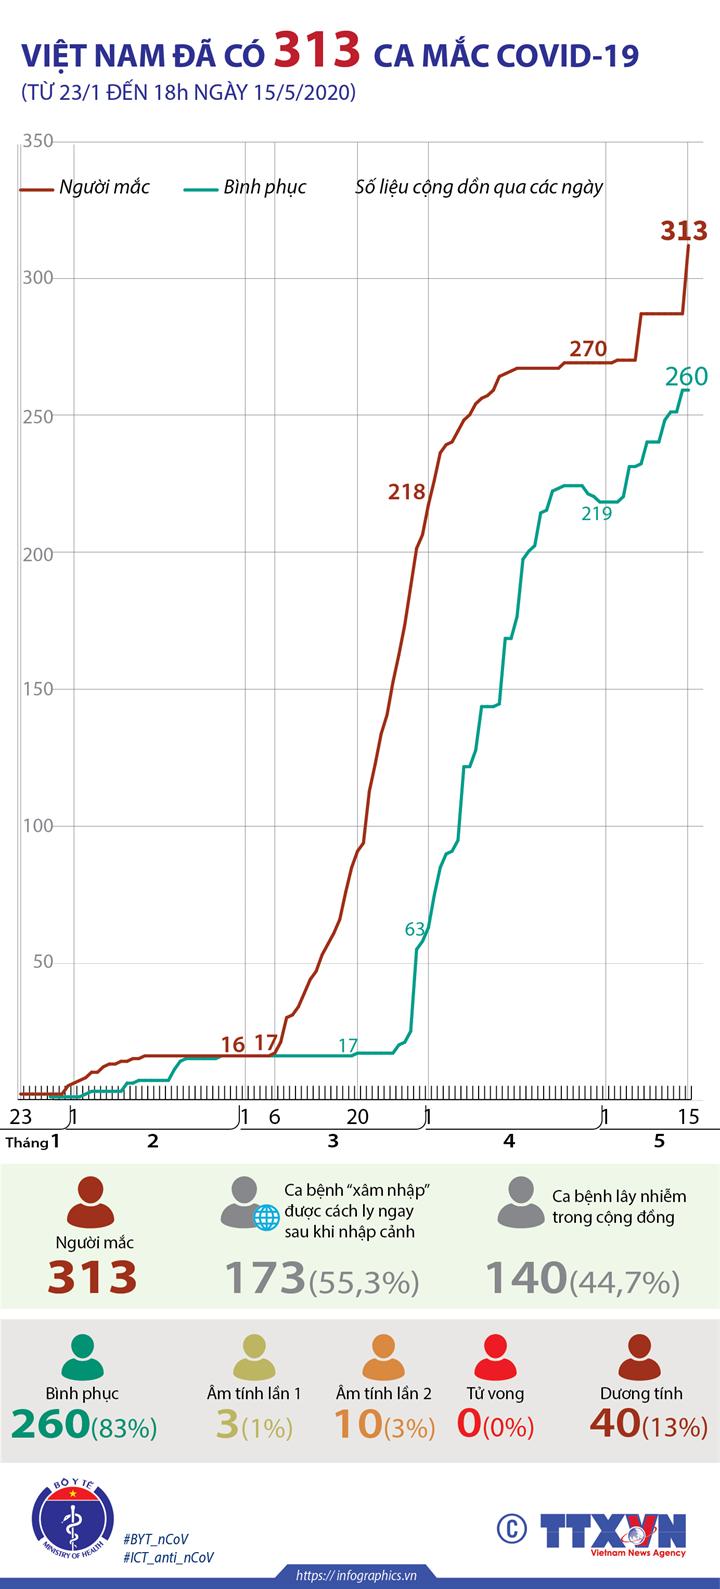 Việt Nam đã có 313 ca mắc COVID-19 (từ 23/1 đến 18h ngày 15/5/2020)